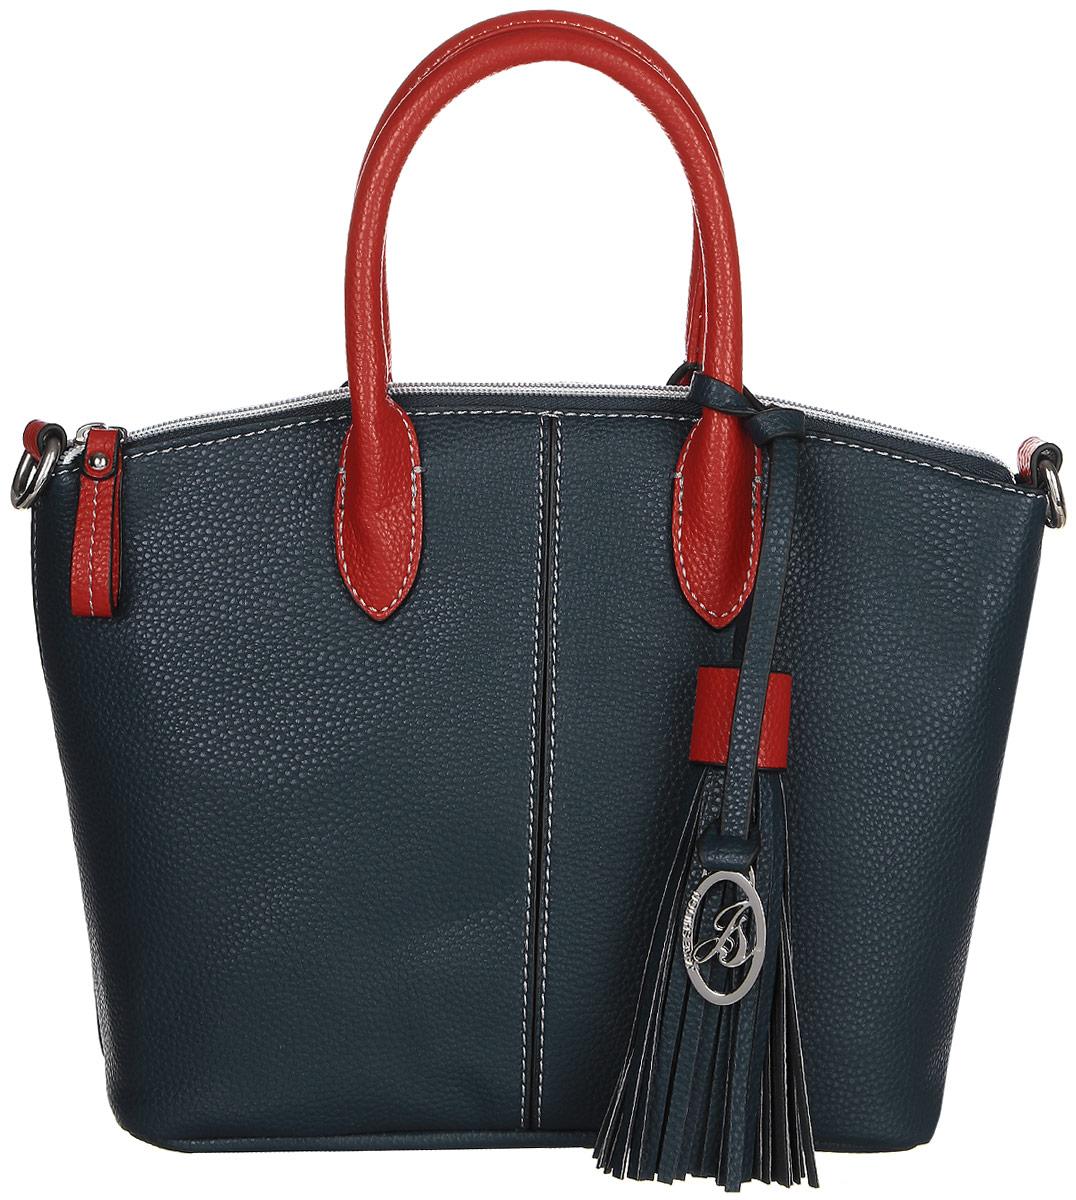 Сумка женская Jane Shilton, цвет: синий. 2327navyL39845800Стильная сумка на двух коротких ручках и съемном регулируемом ремне. Застегиваются на молниию. Внутри потайной кармашек на молнии и для мобильного телефона. Сзади прорезной карман на молнии. Высота ручек 12см.